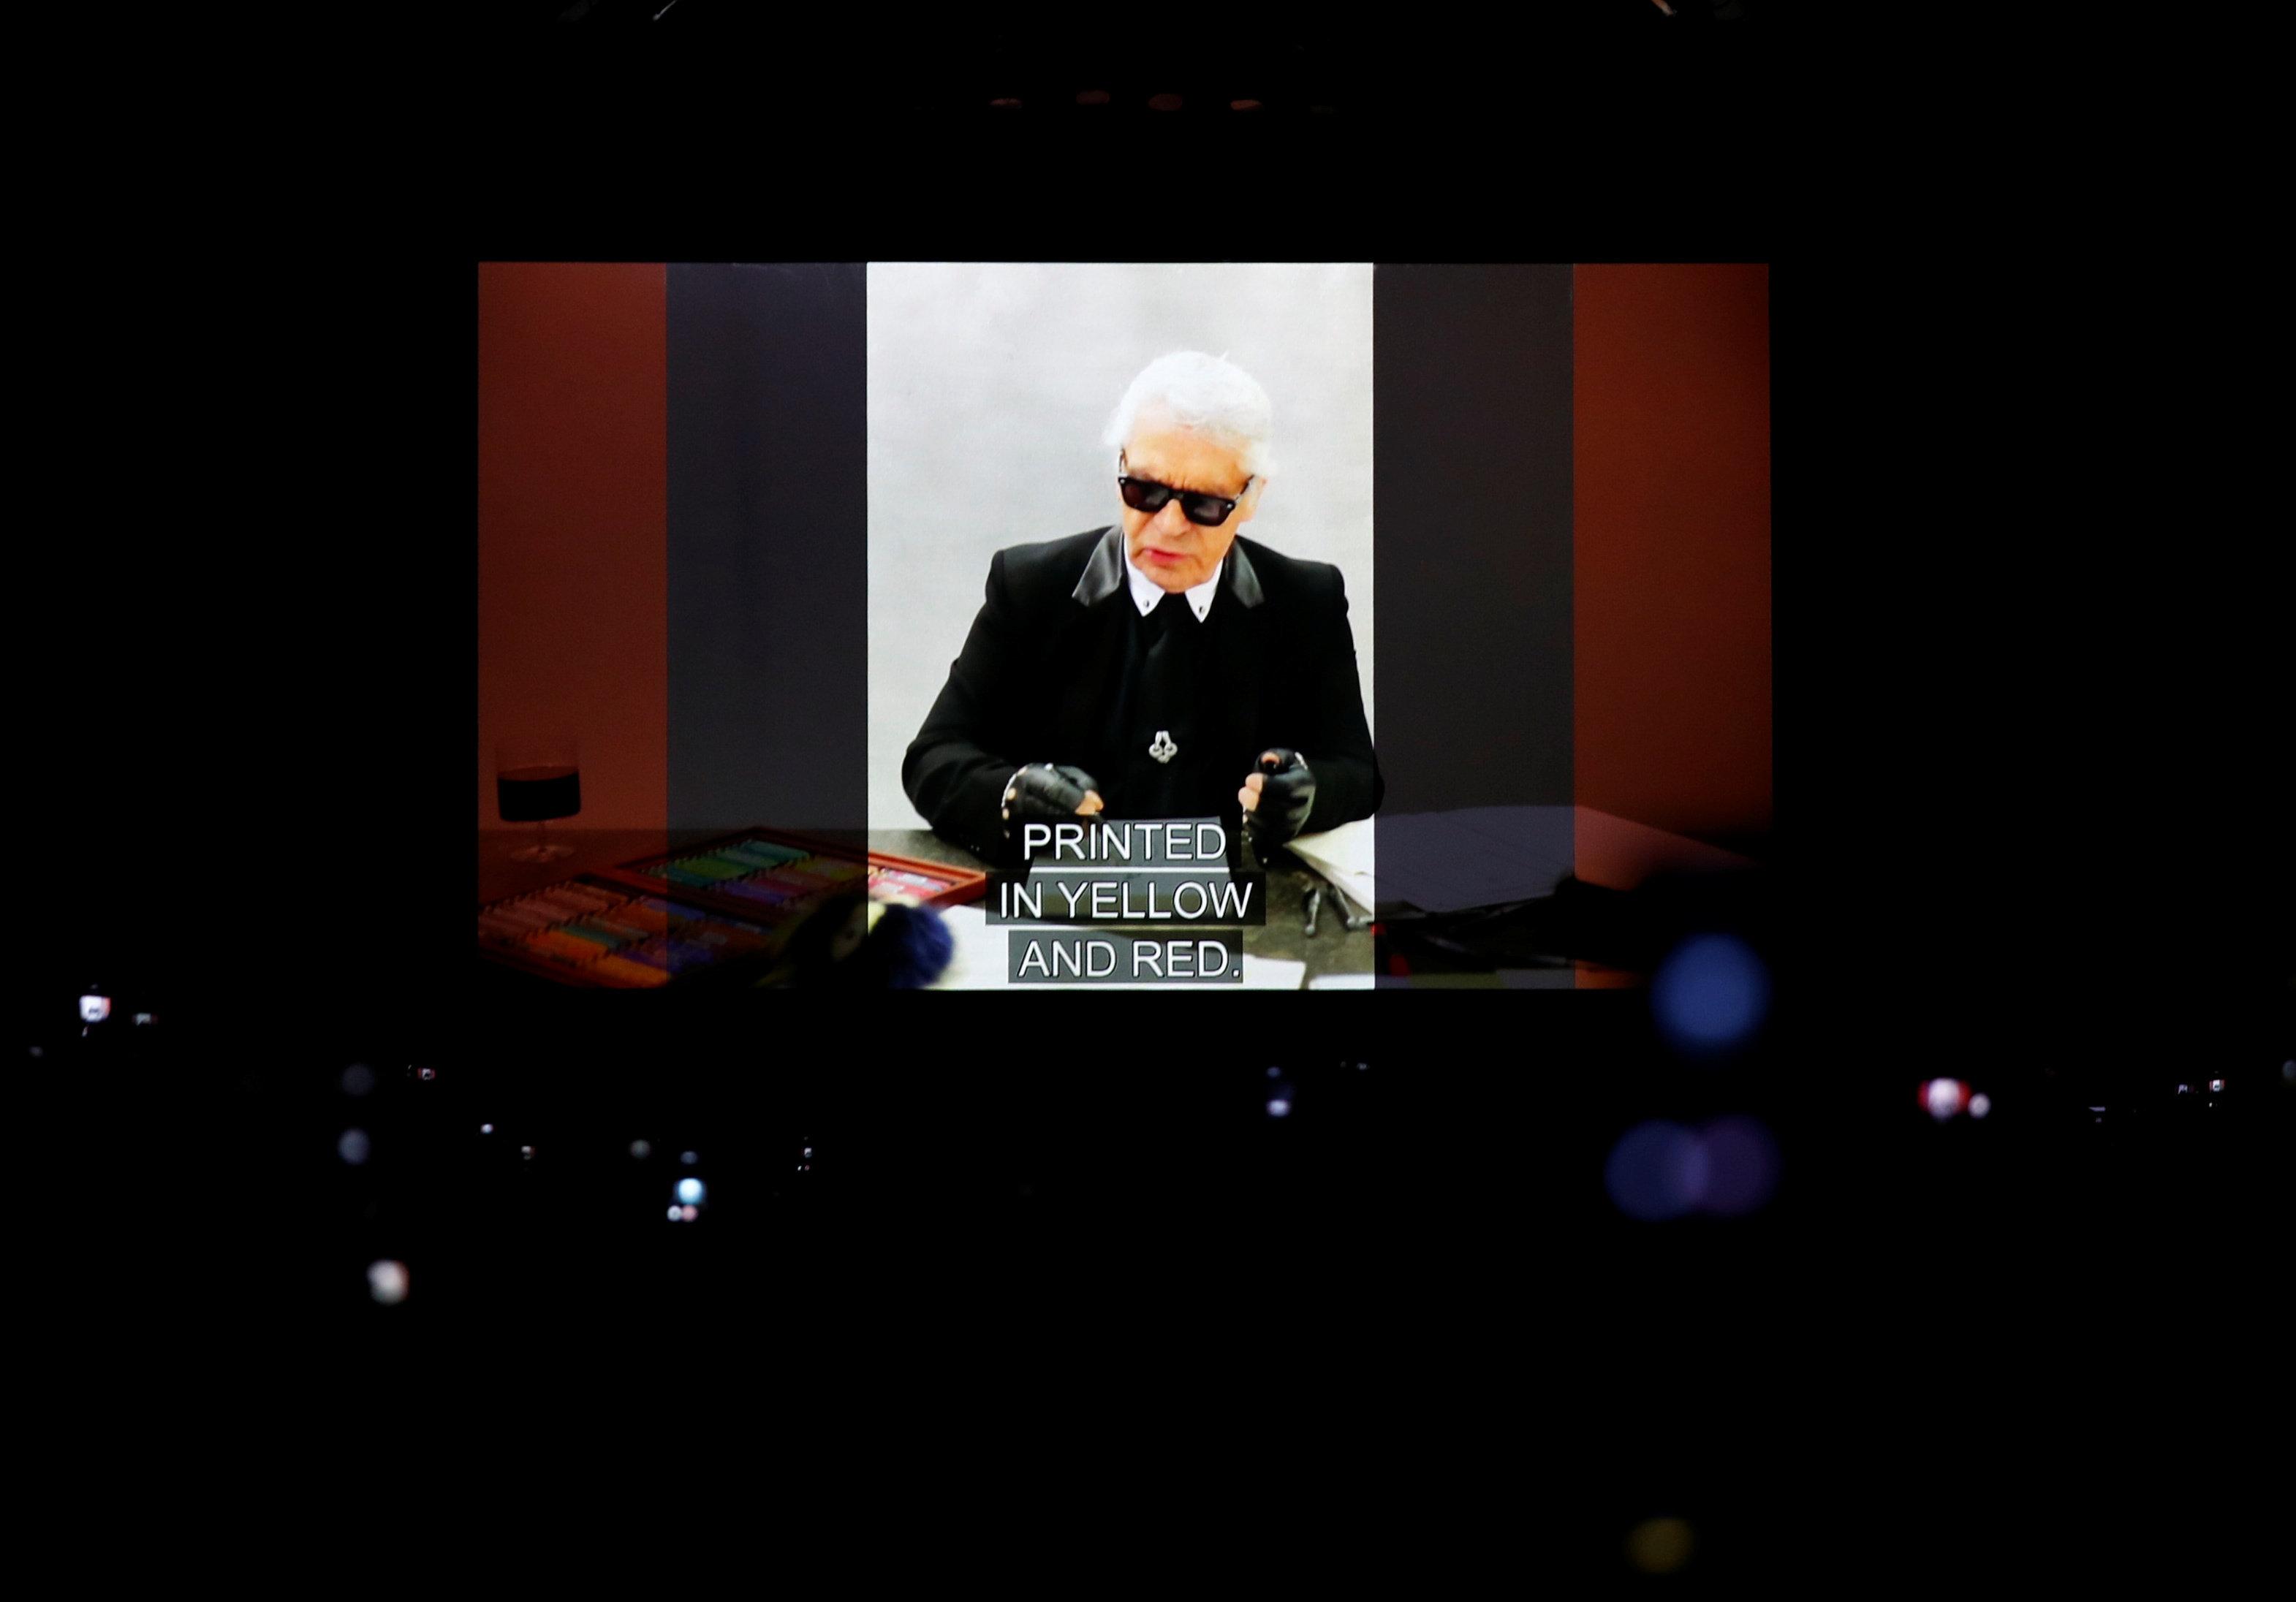 Ο Καρλ Λάγκερφελντ αποτεφρώθηκε - «Τελετή αποχαιρετισμού» ανήγγειλε η Chanel